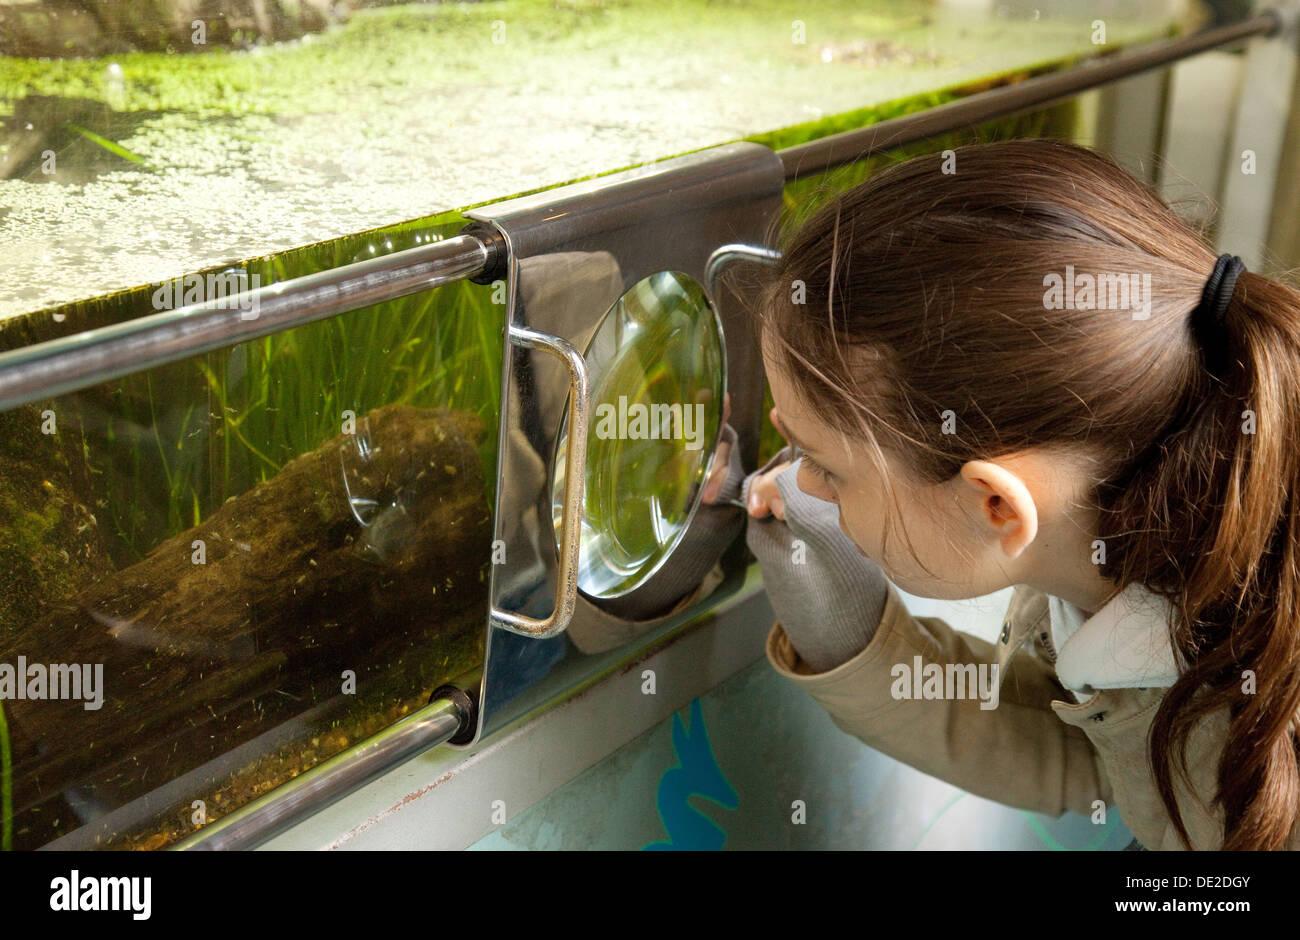 Ein Kind studierte Teichleben im Rahmen der Wissenschaft der Biologie, London Zoo, UK Stockbild